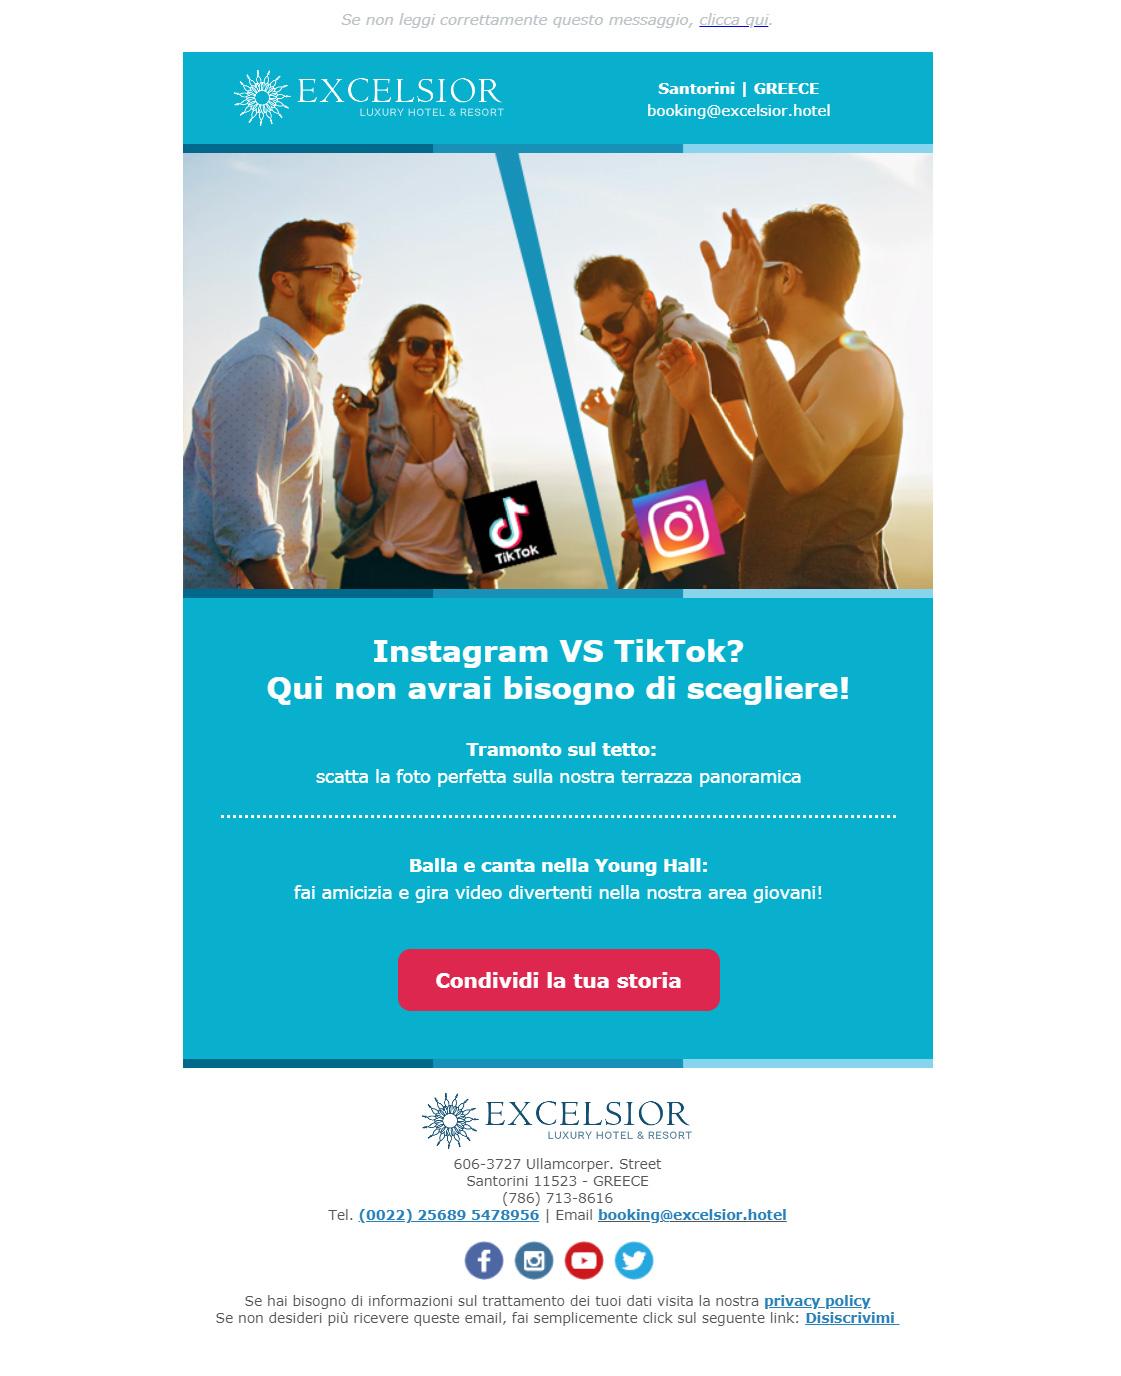 Esempio newsletter hotel: Invita i tuoi clienti ad usare i social network